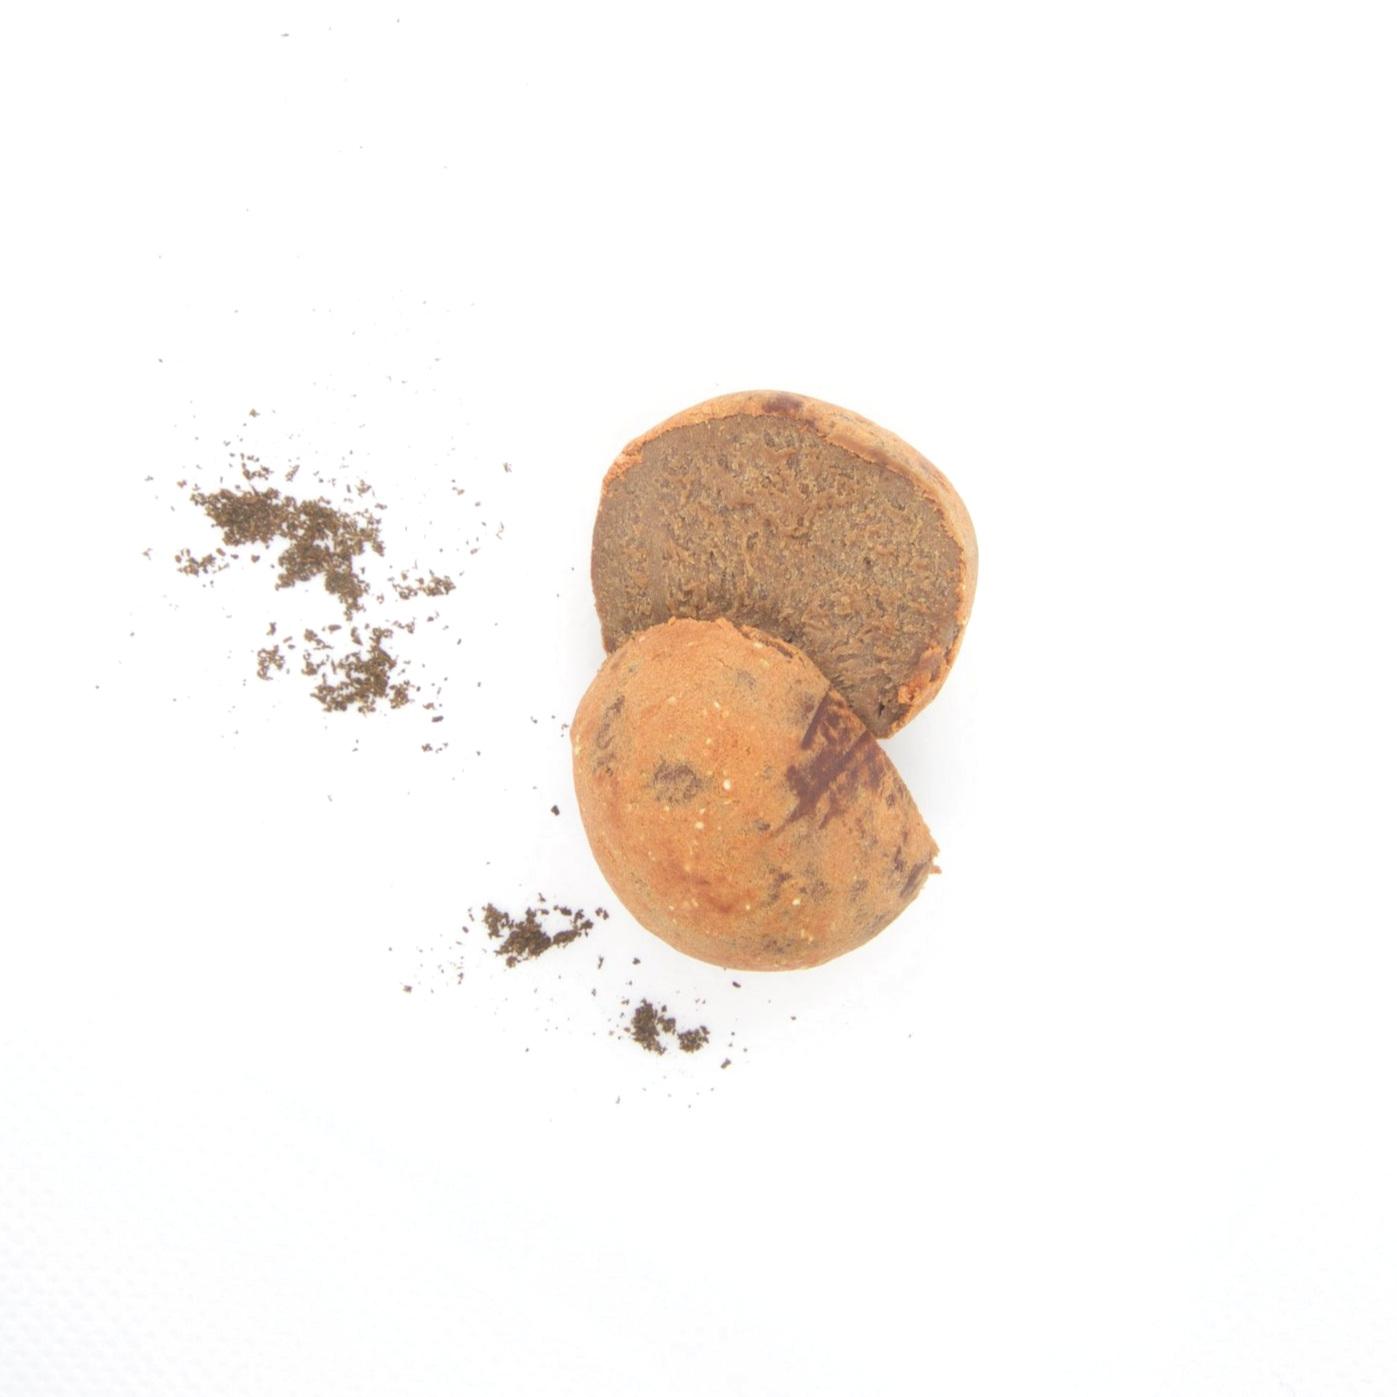 RAW VEGAN TRYFFEL - JORDGUBB 40X15g   Ingredienser:   CASHEWNÖTTER*, agave sirap*, kakaosmör*, kakaopulver*, torkad jordgubb*, Bourbon vanilj*, pink Himalaya salt *= ekologisk produkt   (kan innehålla spår av mandel & hasselnötter)   Näringsvärde (100g):   Energi (kj/kcal) 1961/468 Fett 30,5g varav mättad 10,17g Kolhydrater 48,8g varav sockerarter 32,5g Fibrer 4,49g Protein 7g Salt 0,14g